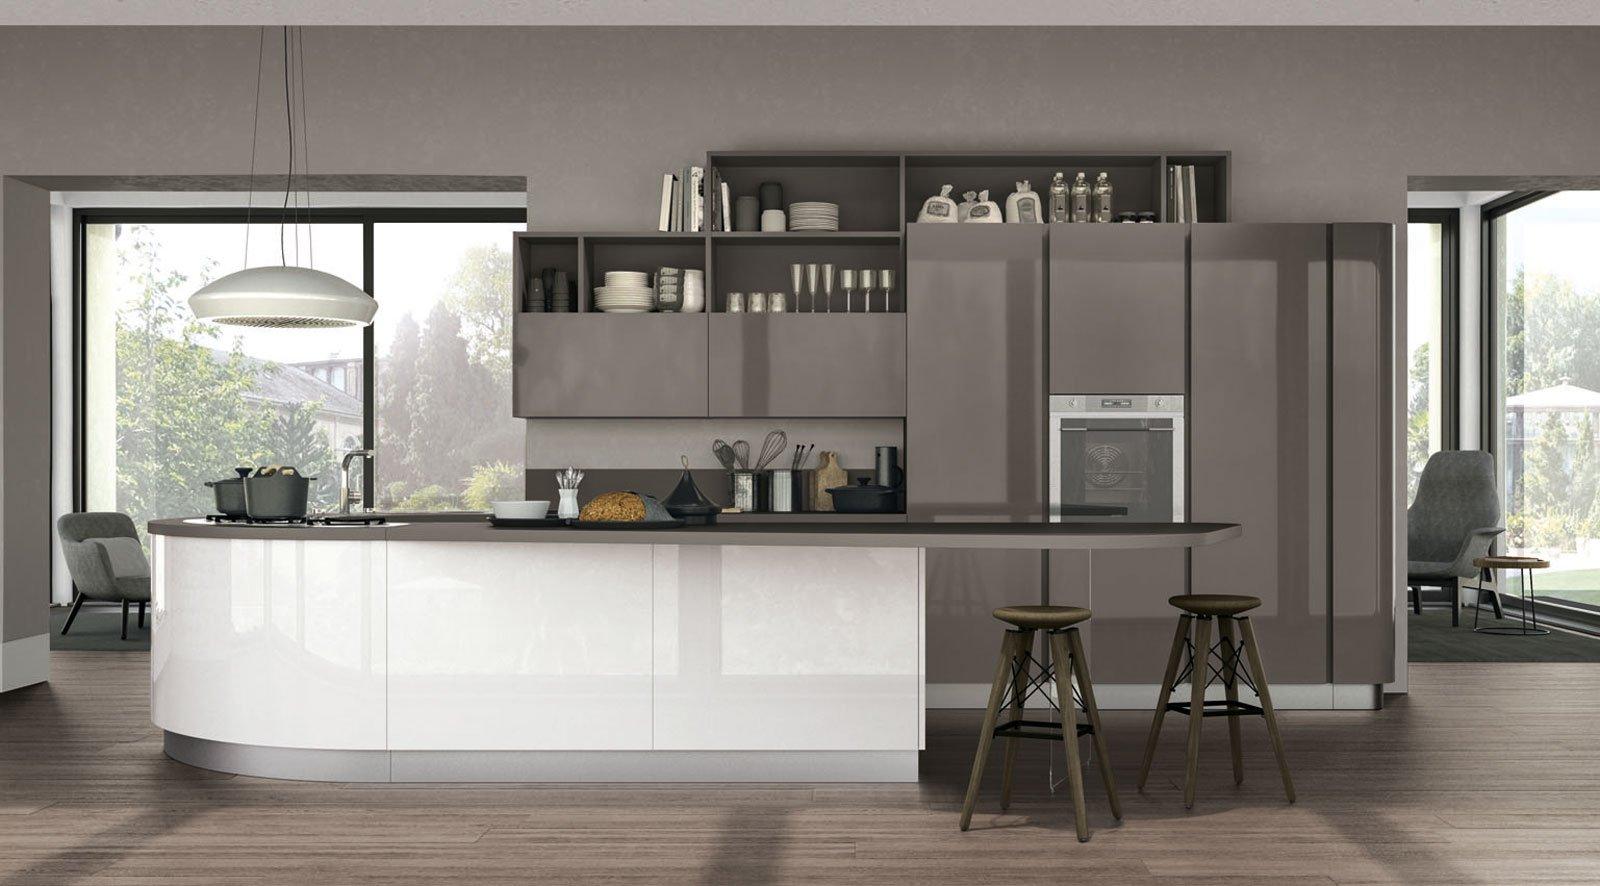 Cucine Bianco Grigio : Cucine in grigio di inaspettata freschezza novità eurocucina in